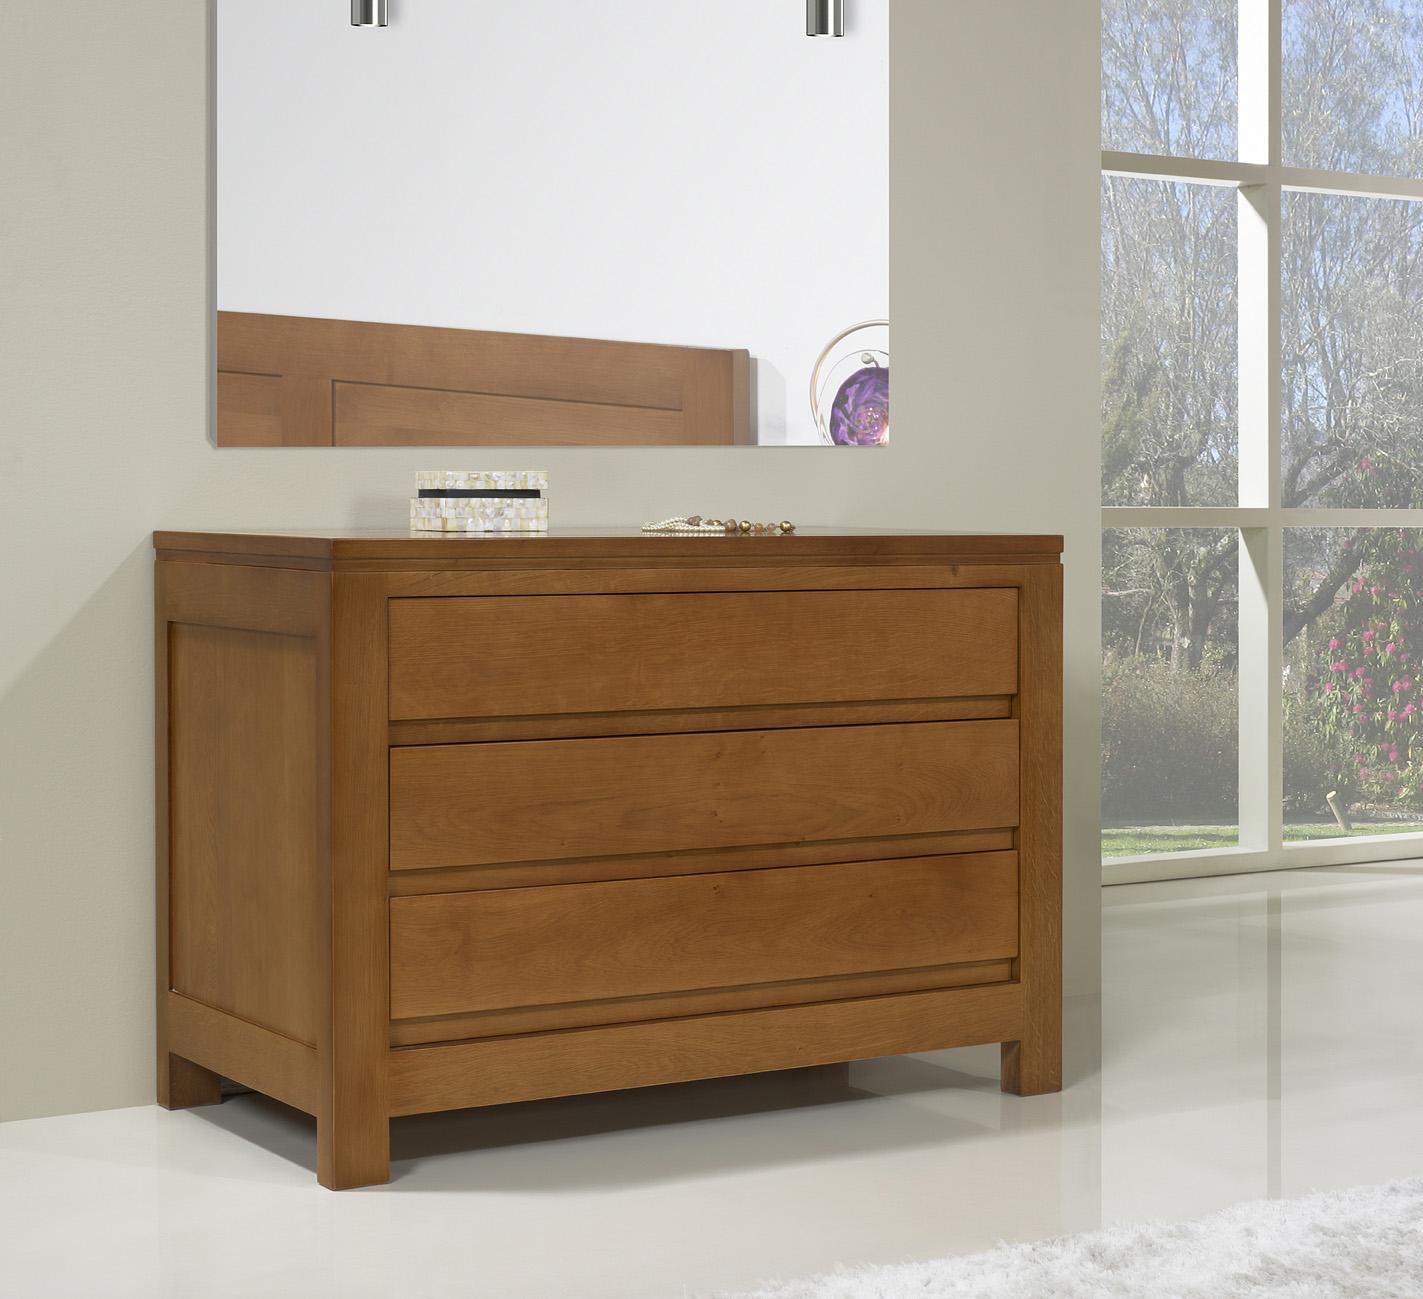 Commode 3 tiroirs en ch ne massif de style contemporain - Meuble contemporain bois massif ...